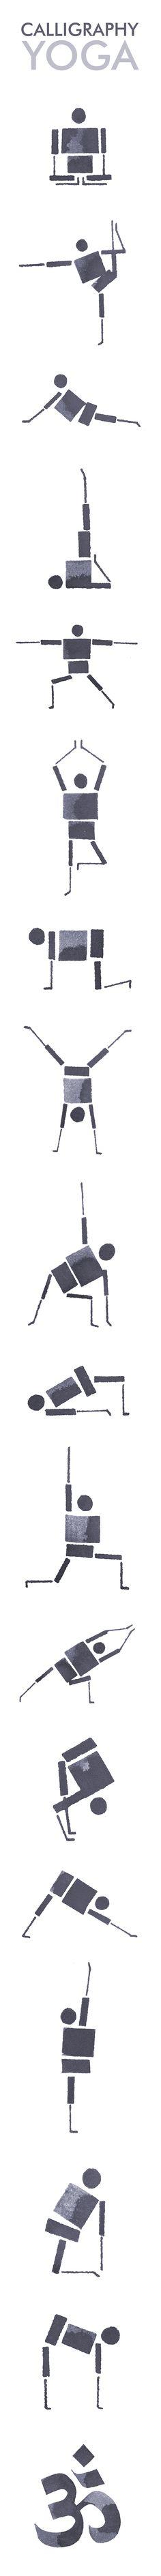 Calligraphy Yoga on Behance